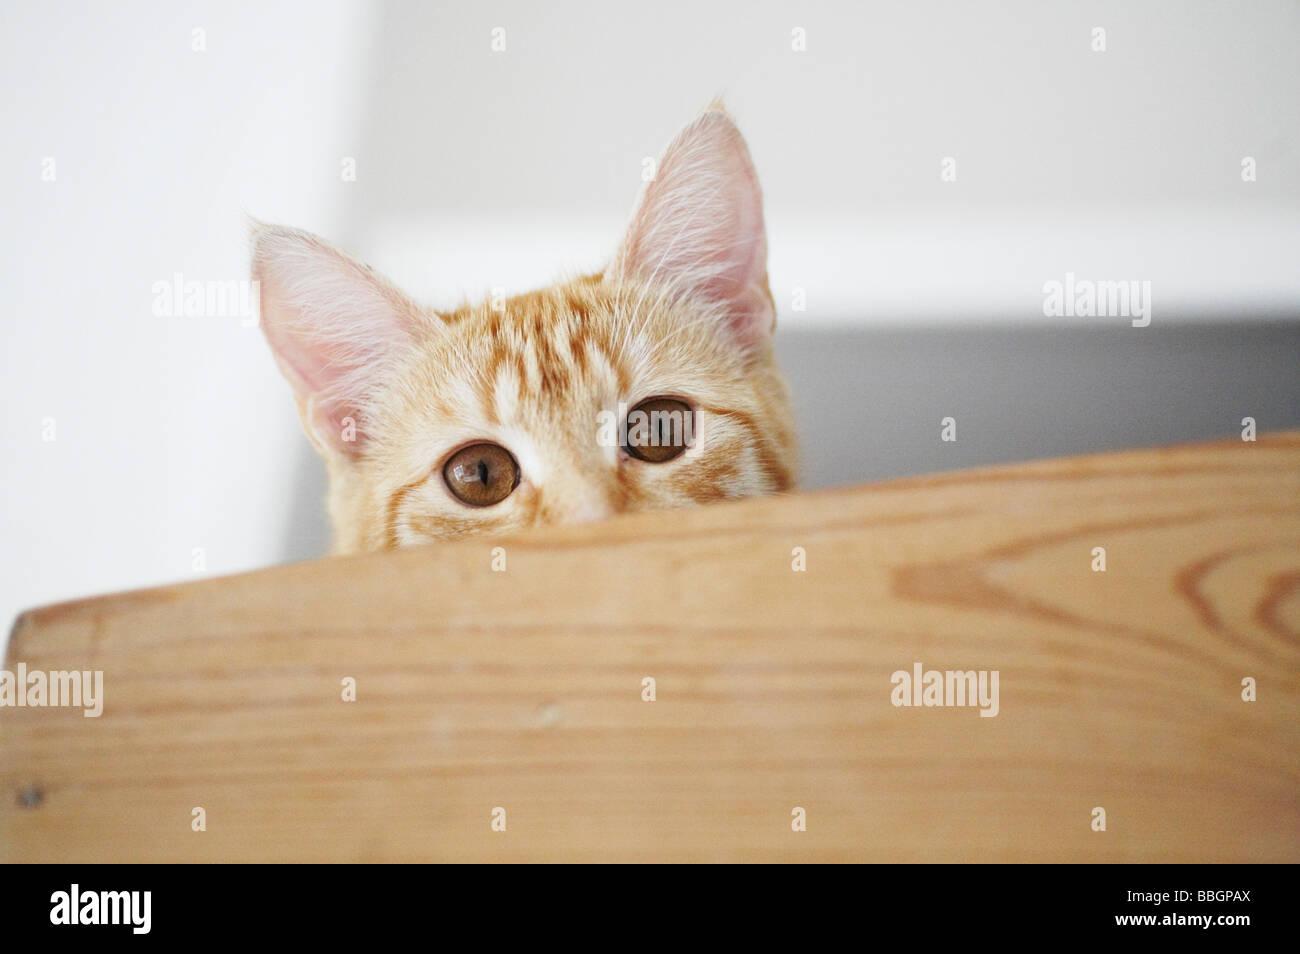 Cheeky naughty gattino nascondere di giocare a nascondino lo zenzero pet tabby Immagini Stock